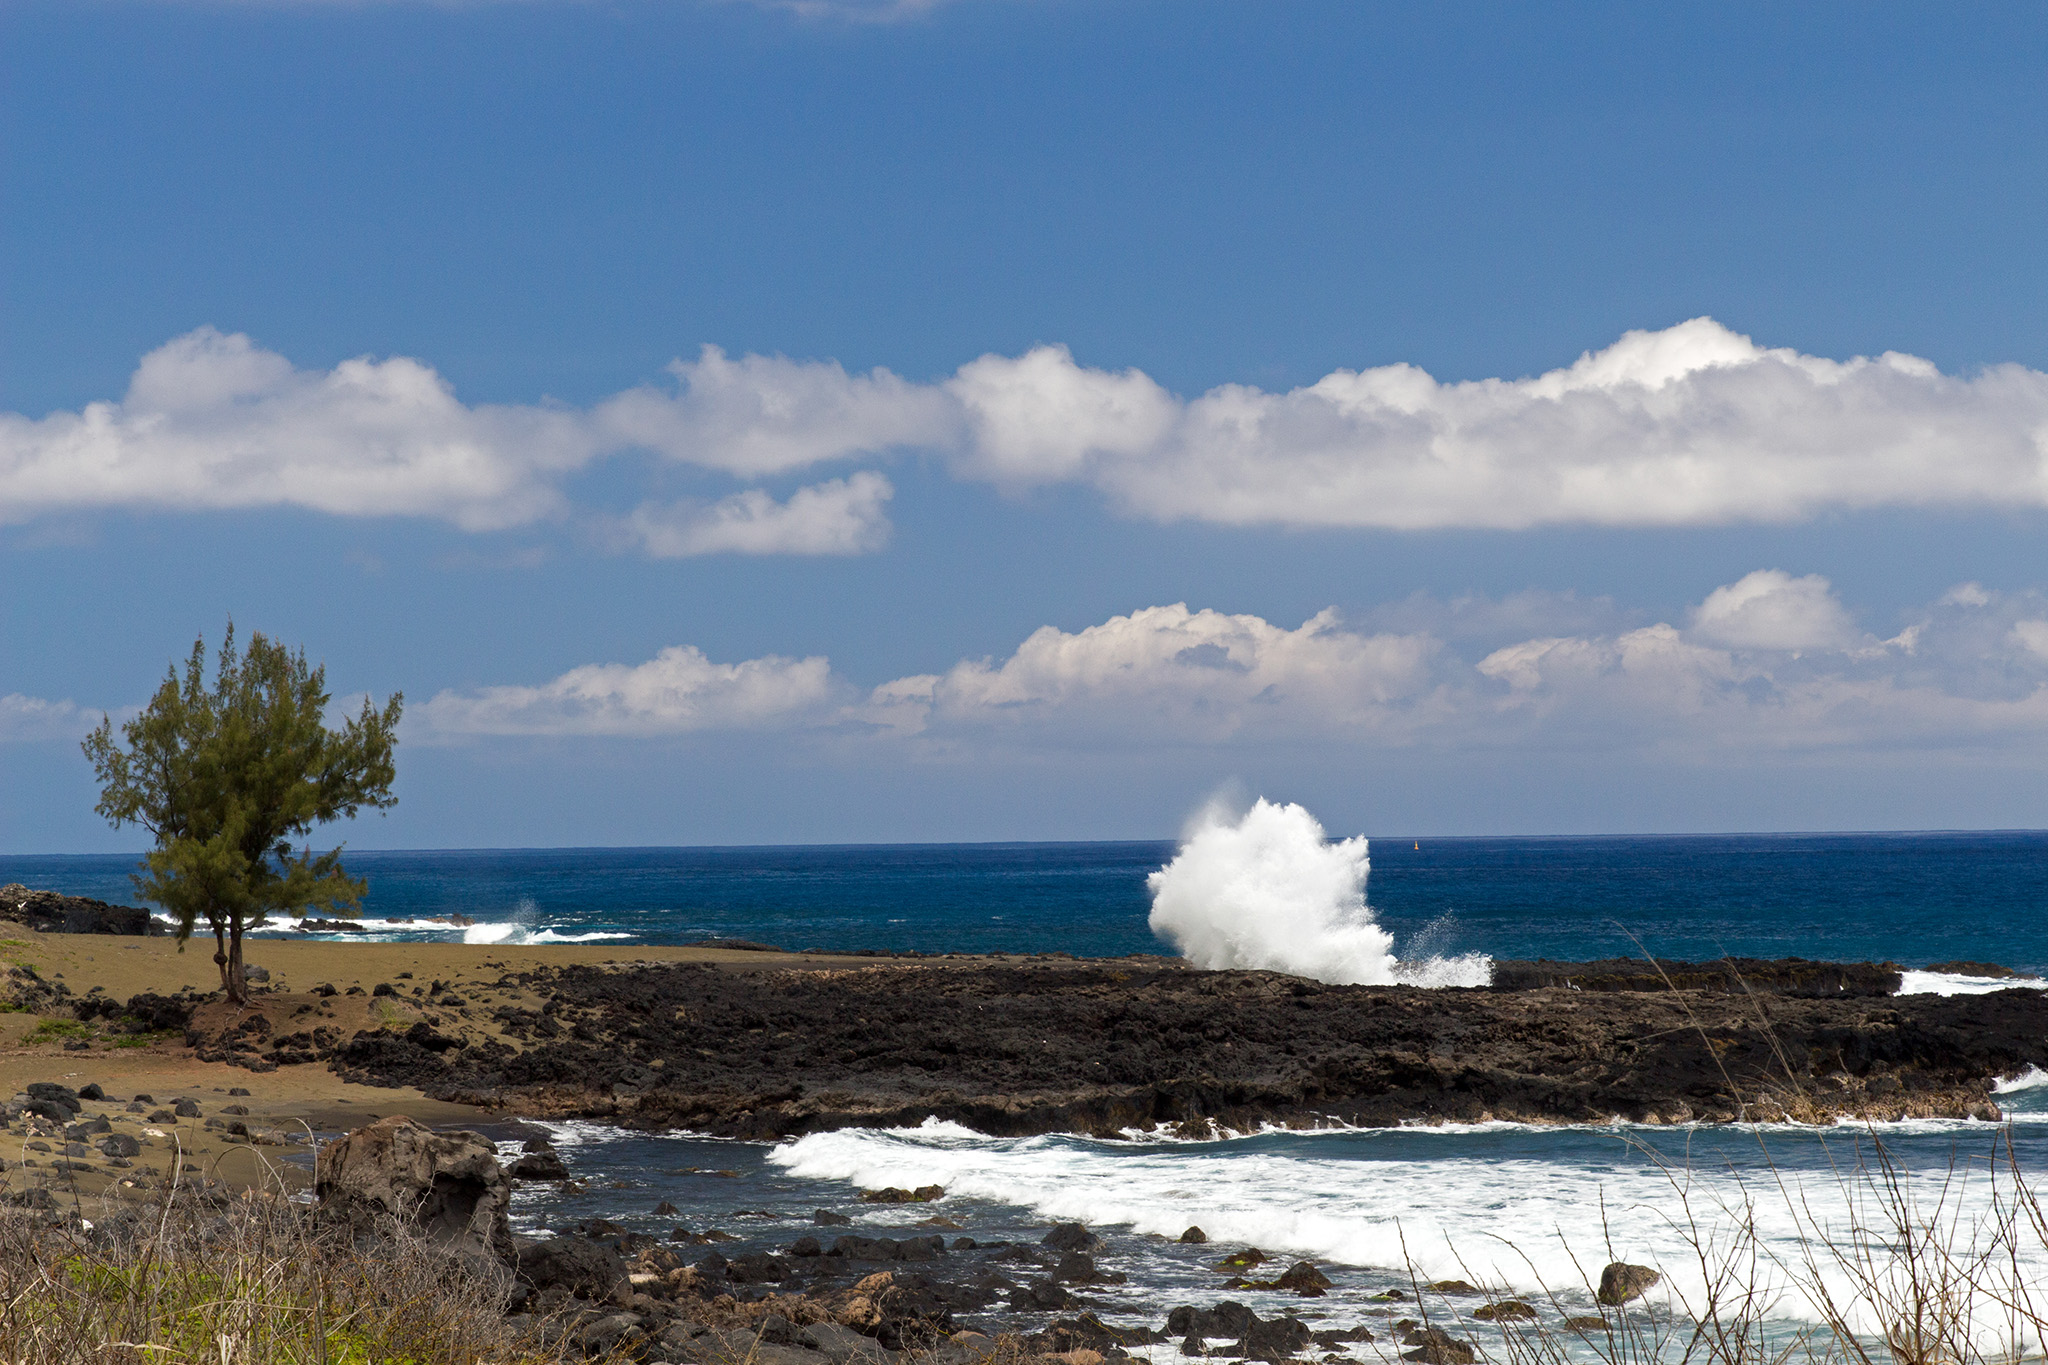 La Réunion - Gischt von der Brandung des Indischen Ozeans, die auf Lavagestein trifft.